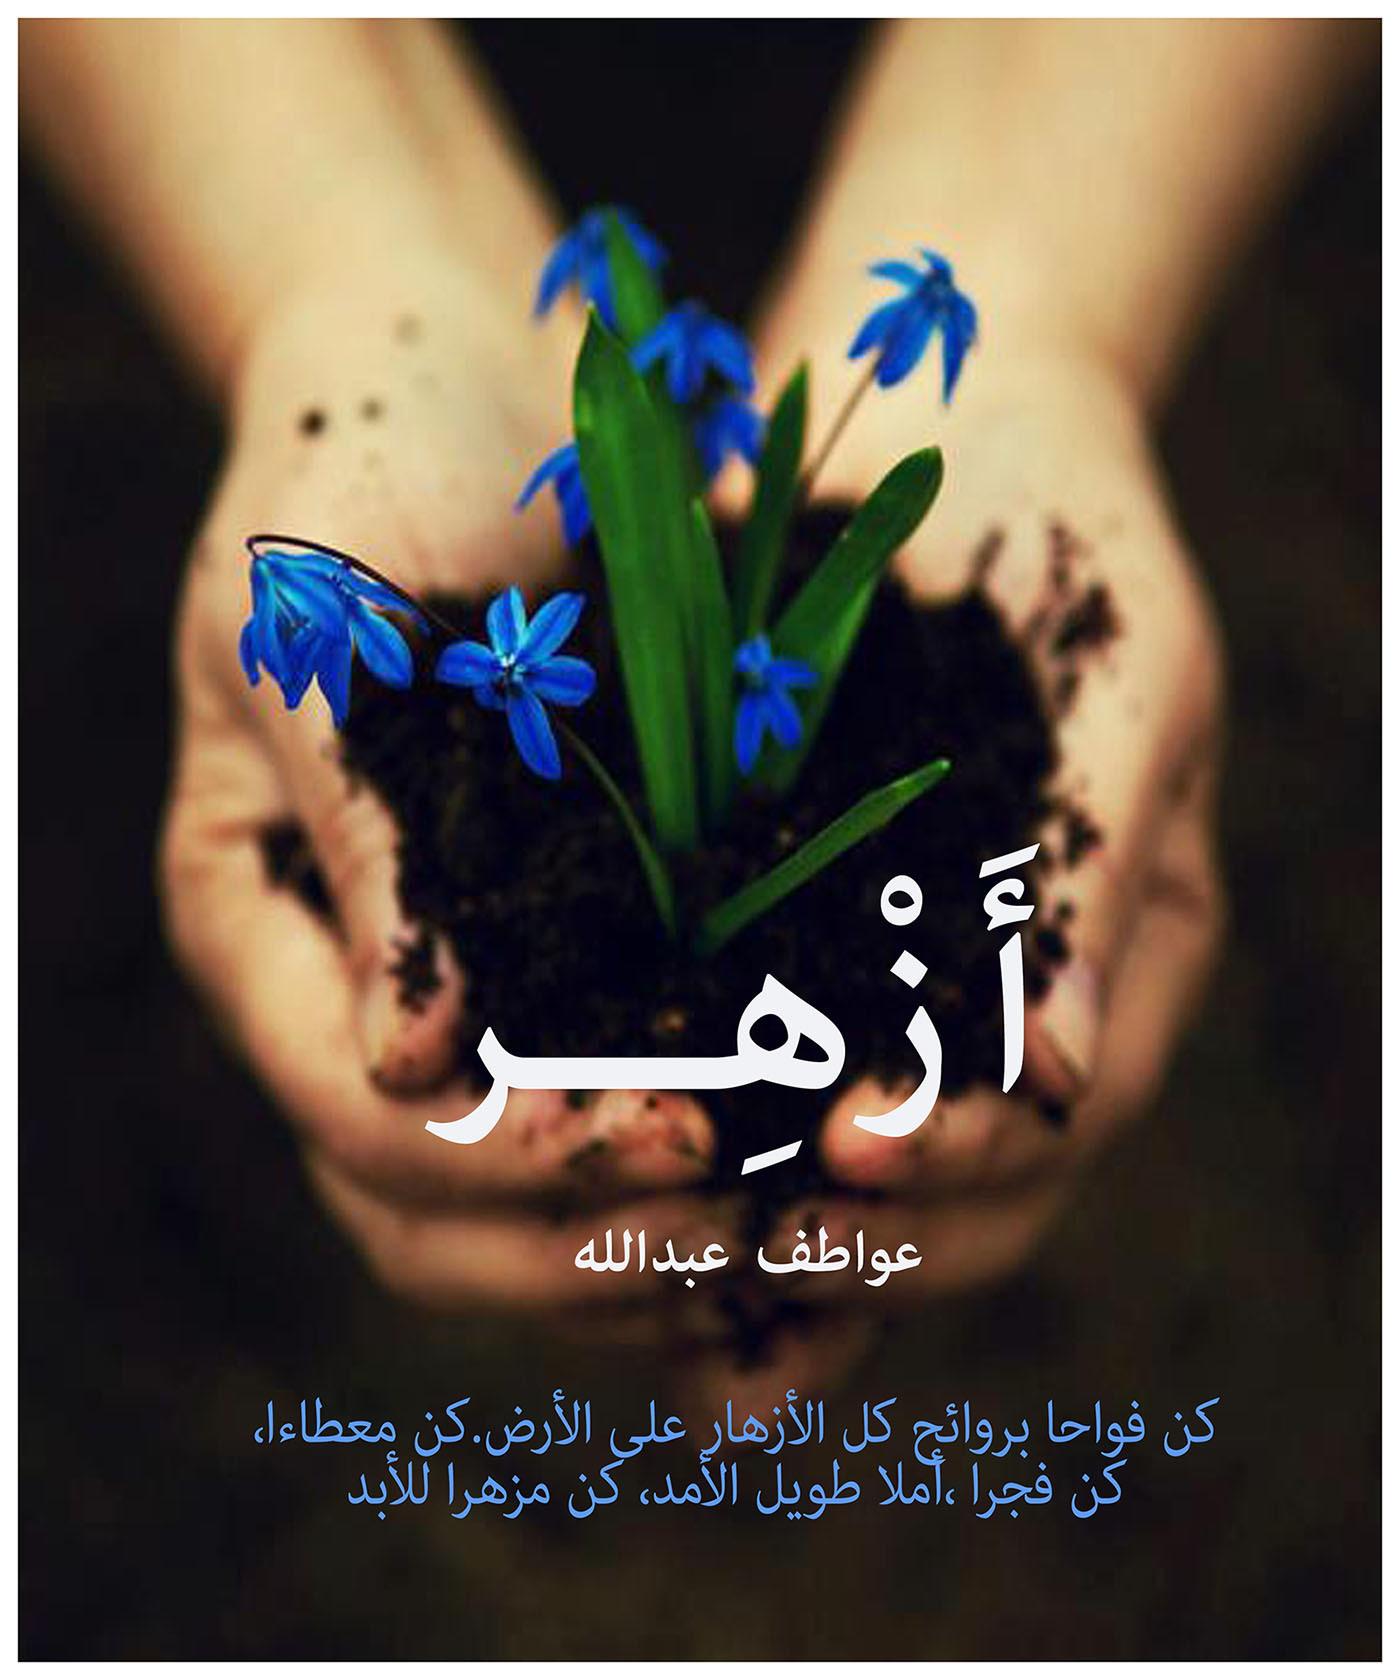 أزهر Awatif Abdullah